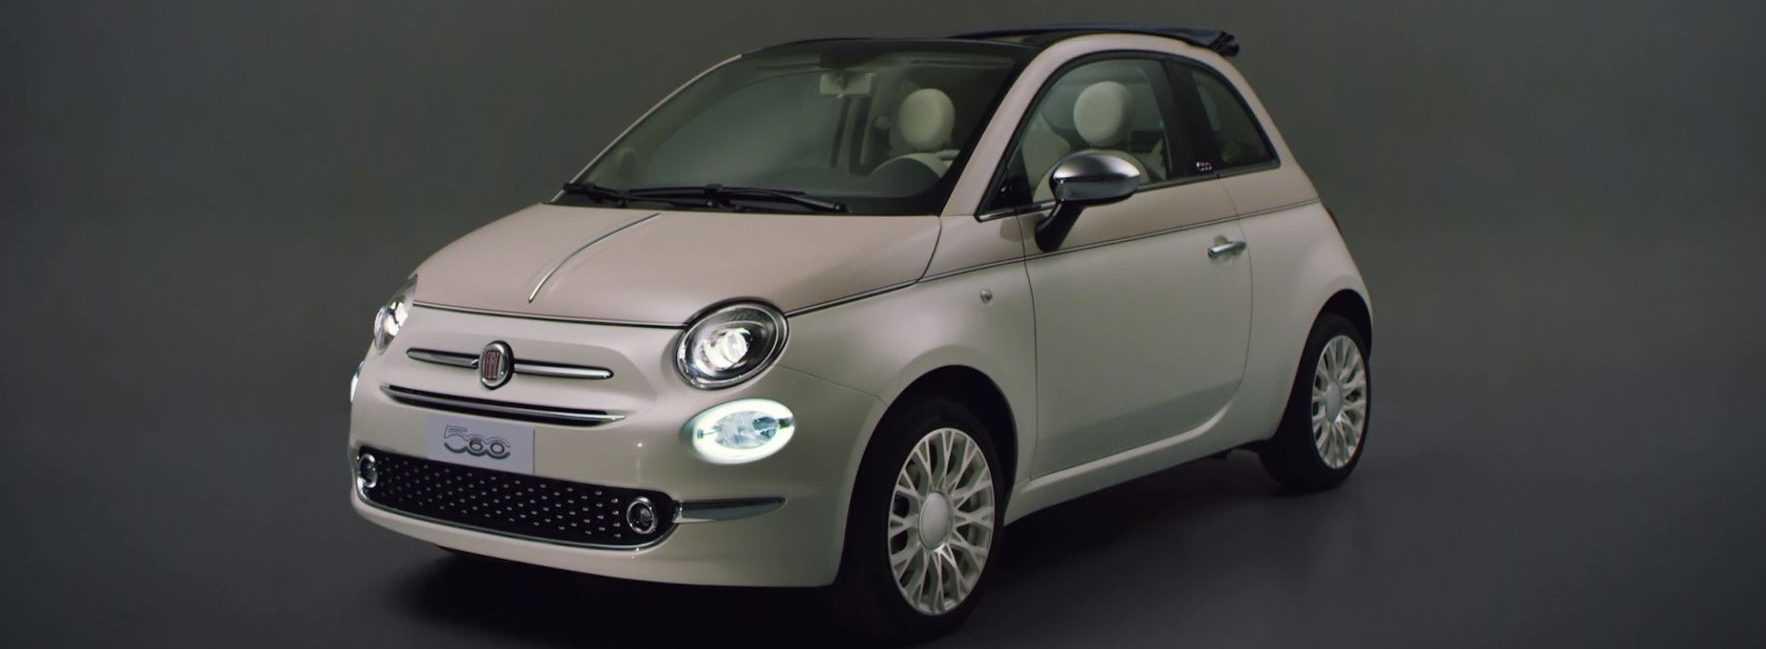 Fiat 500 Sessantesimo 2017